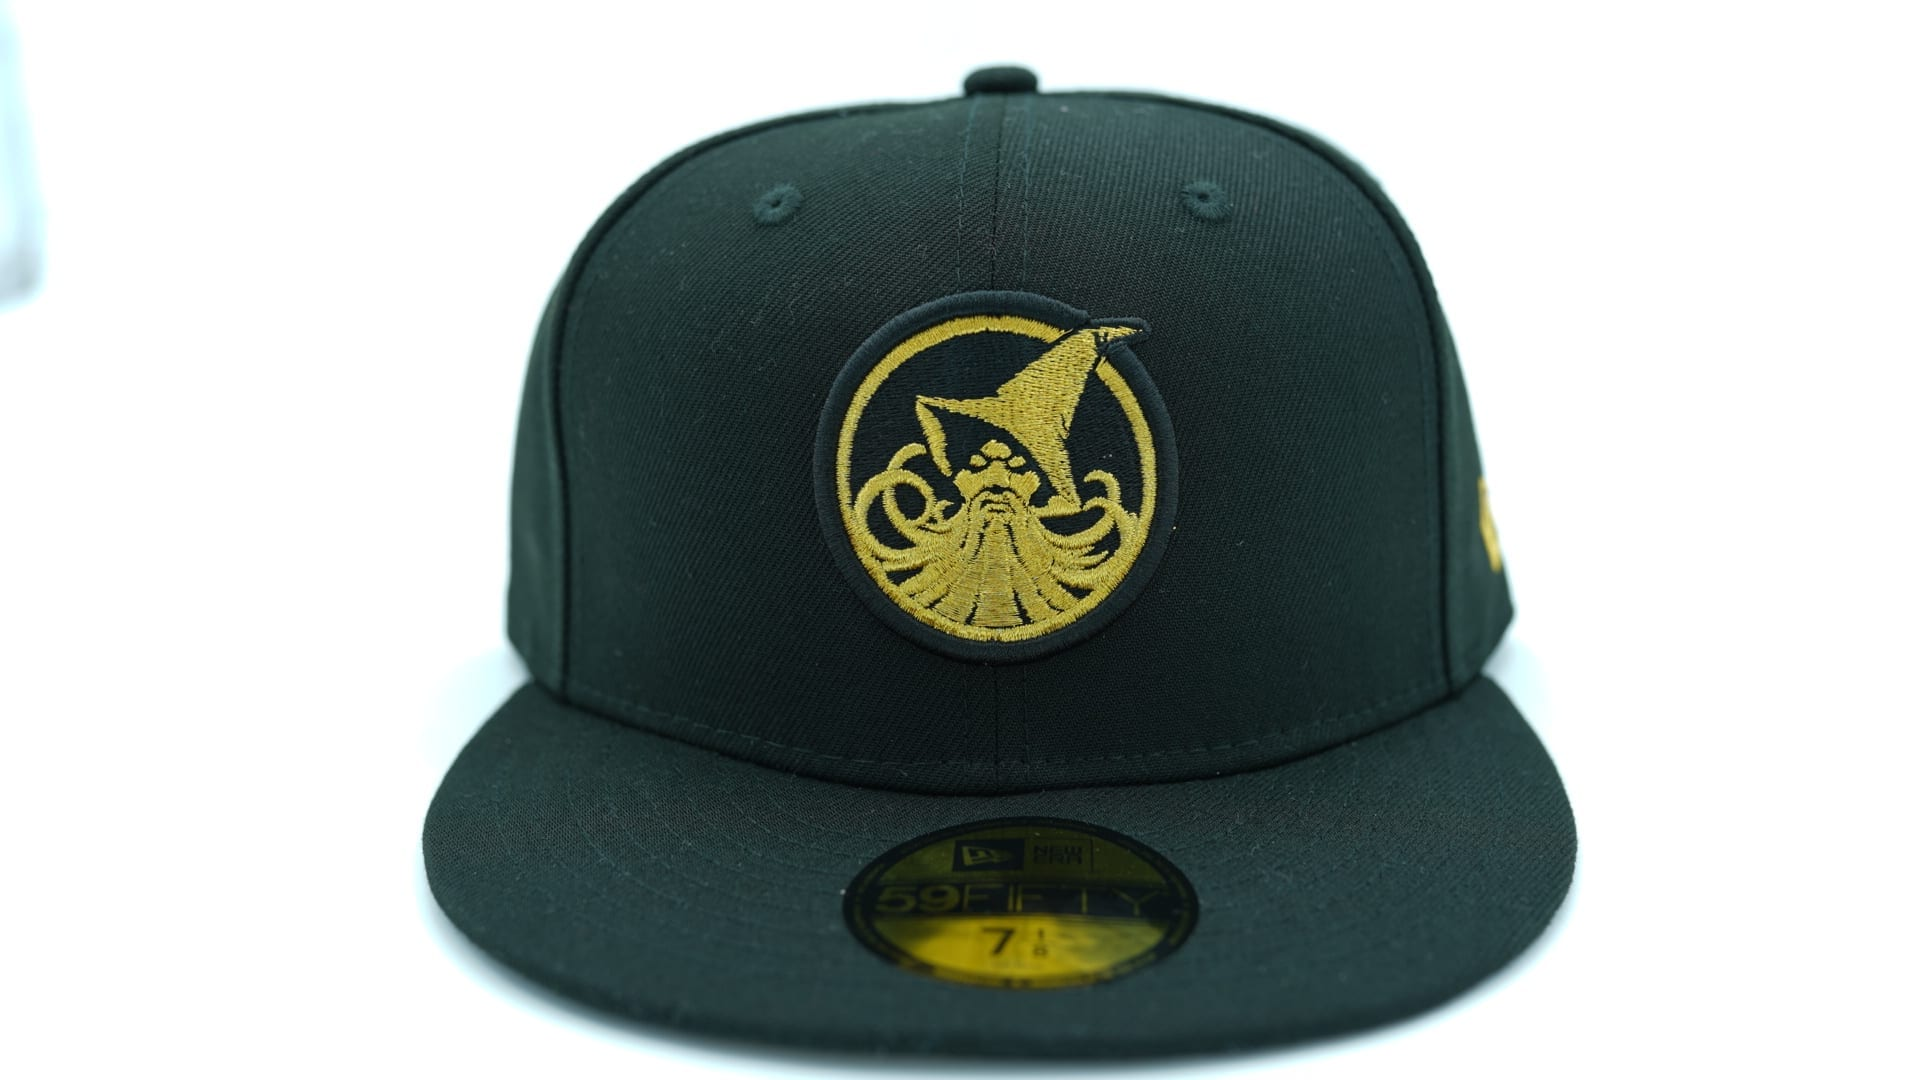 new york yankees derek jeter retirement navy 59fifty fitted baseball cap new era mlb 1